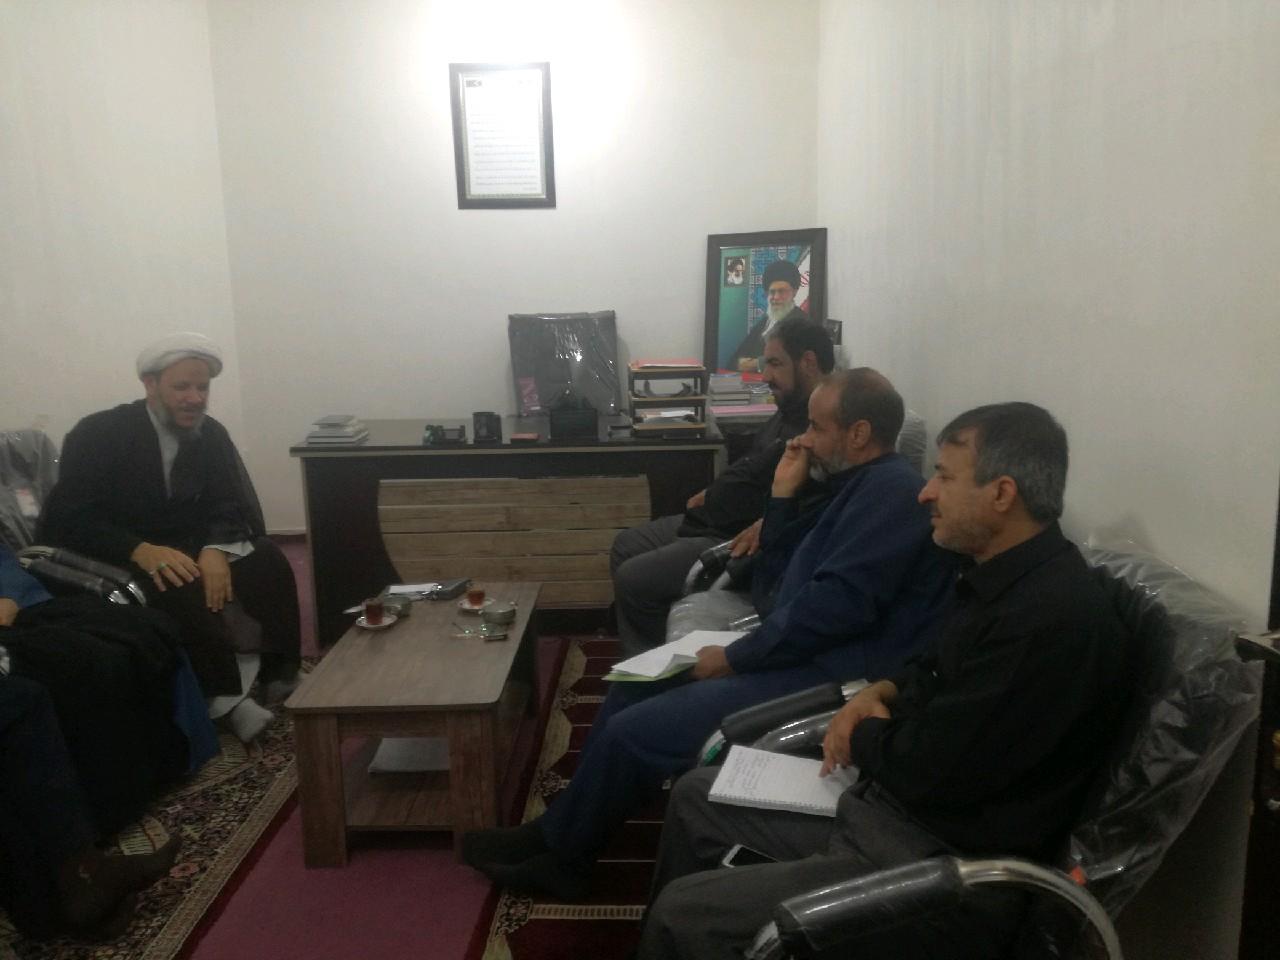 جلسه معاونت سیاسی ستاد با حضور امام جمعه کارون